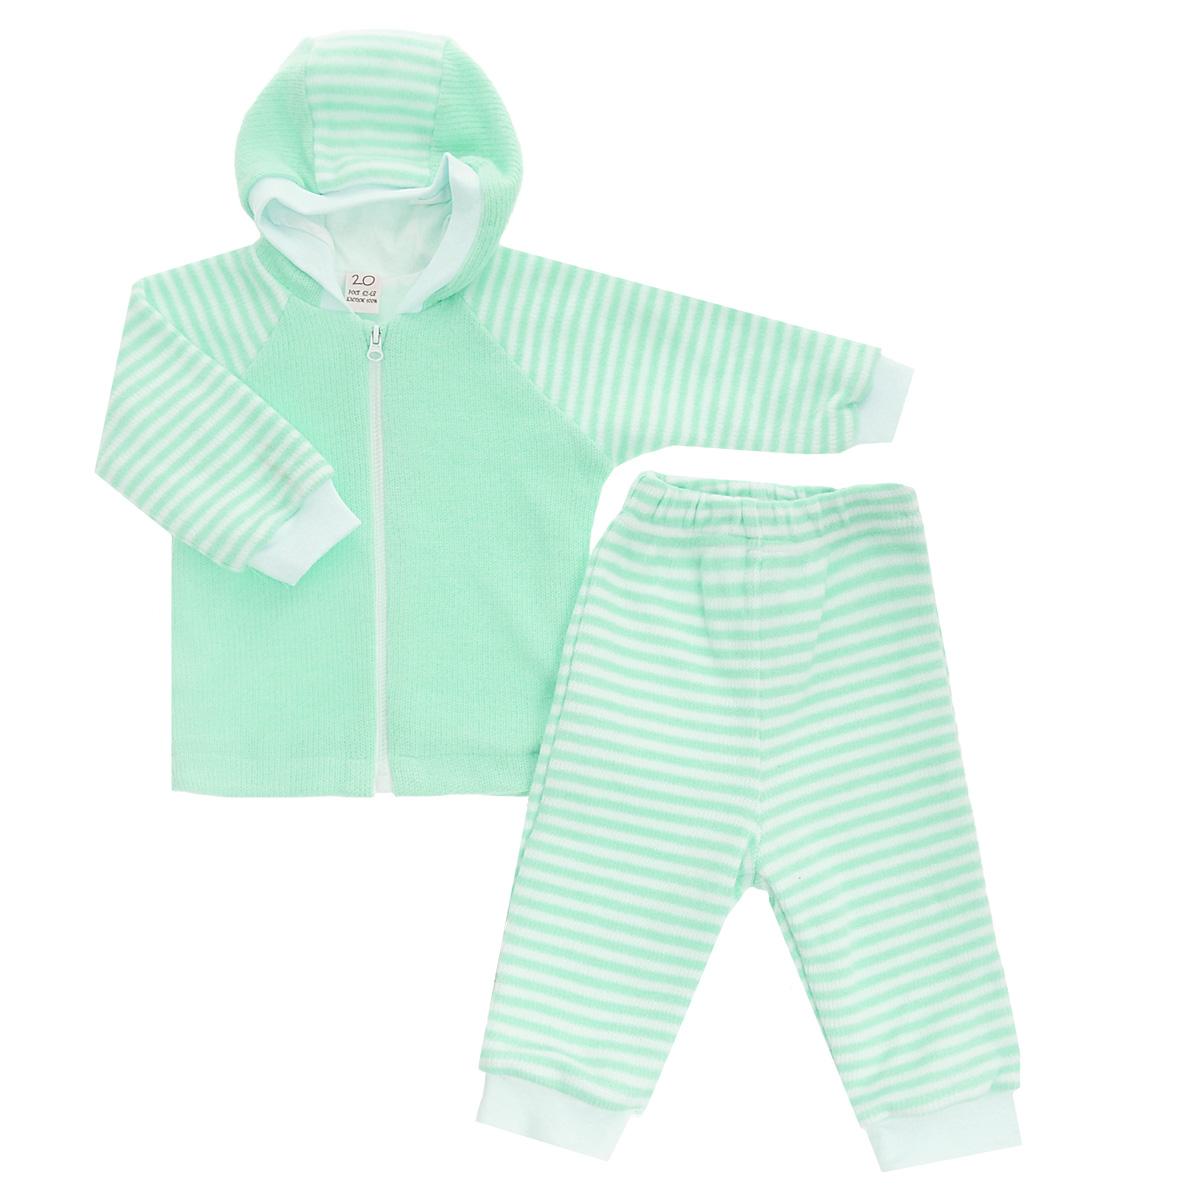 Комплект детский Lucky Child: кофта, брюки, цвет: зеленый, белая полоска. 4-15. Размер 62/68